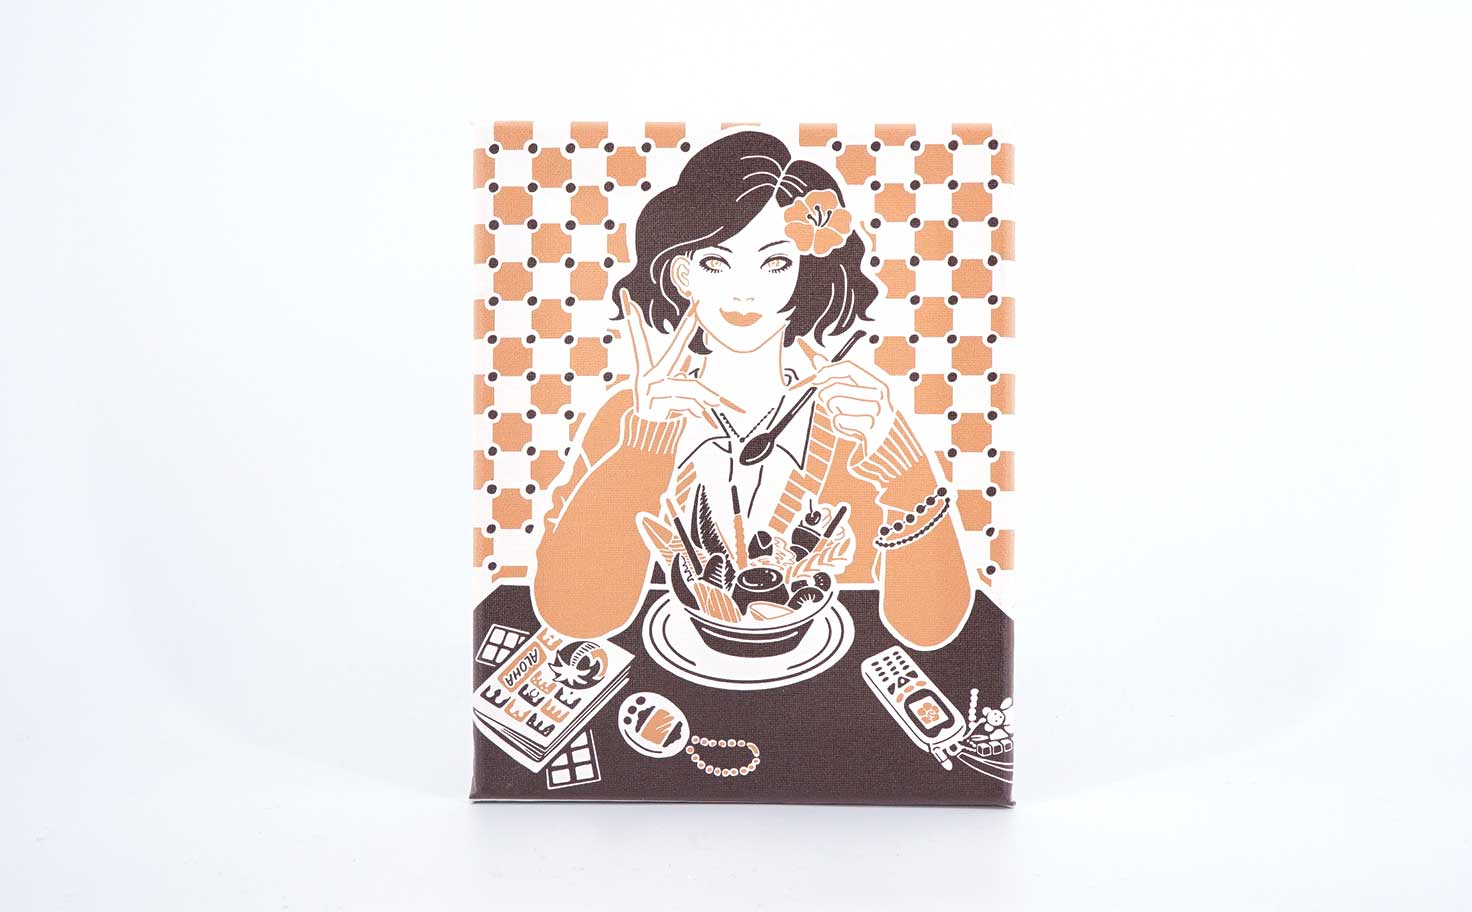 90's girl at Coffee Seibu